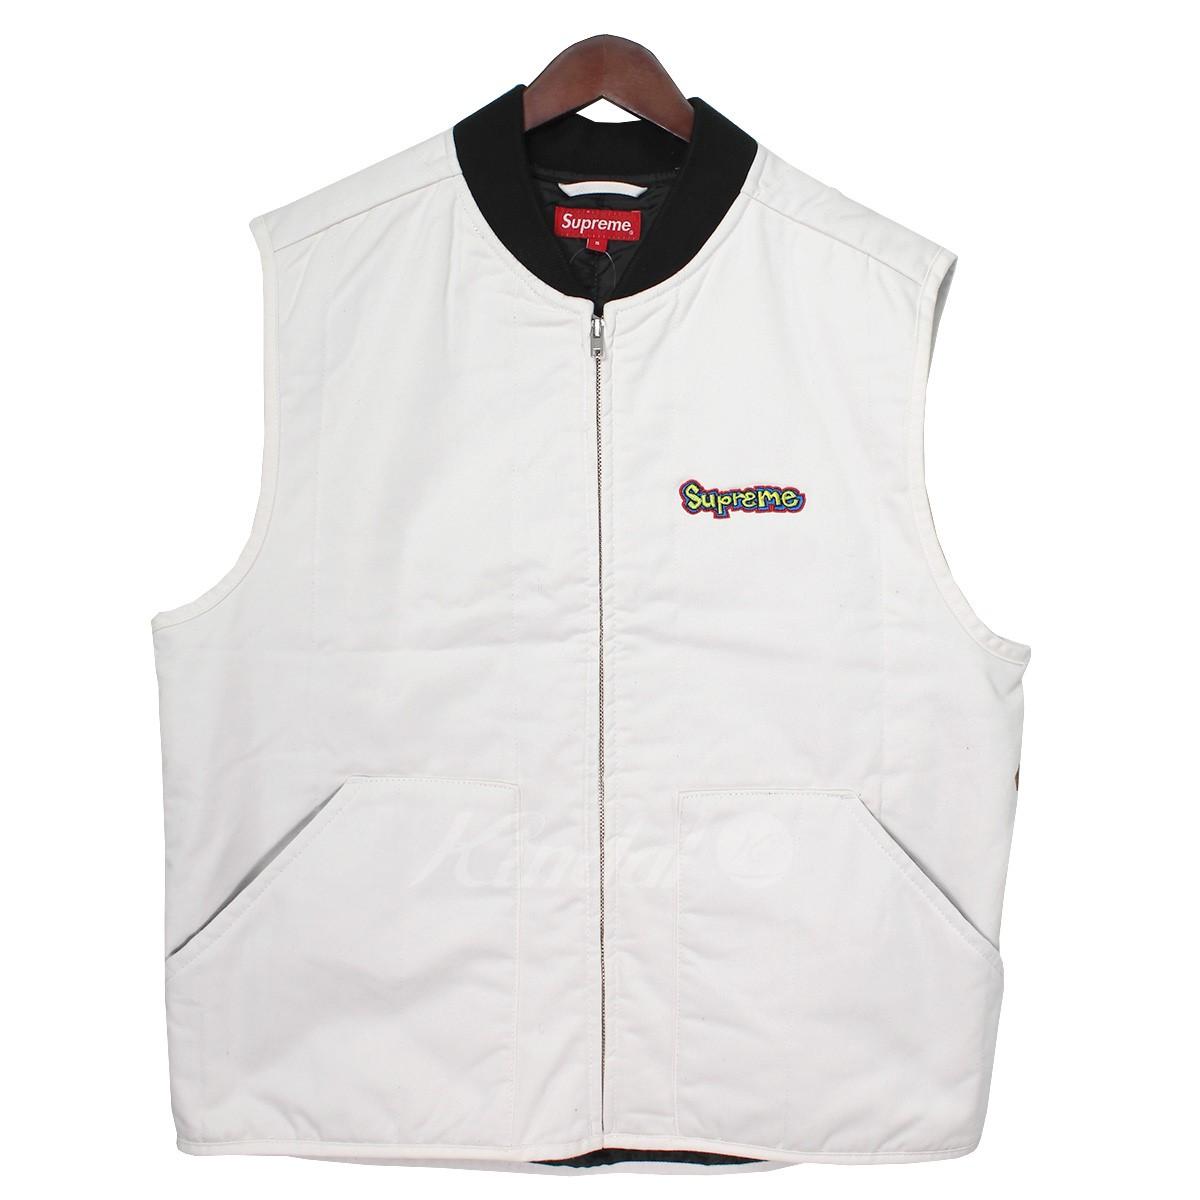 【中古】SUPREME 18AW Gonz Shop Vest ゴンズロゴショップベスト 【送料無料】 【000580】 【KIND1550】